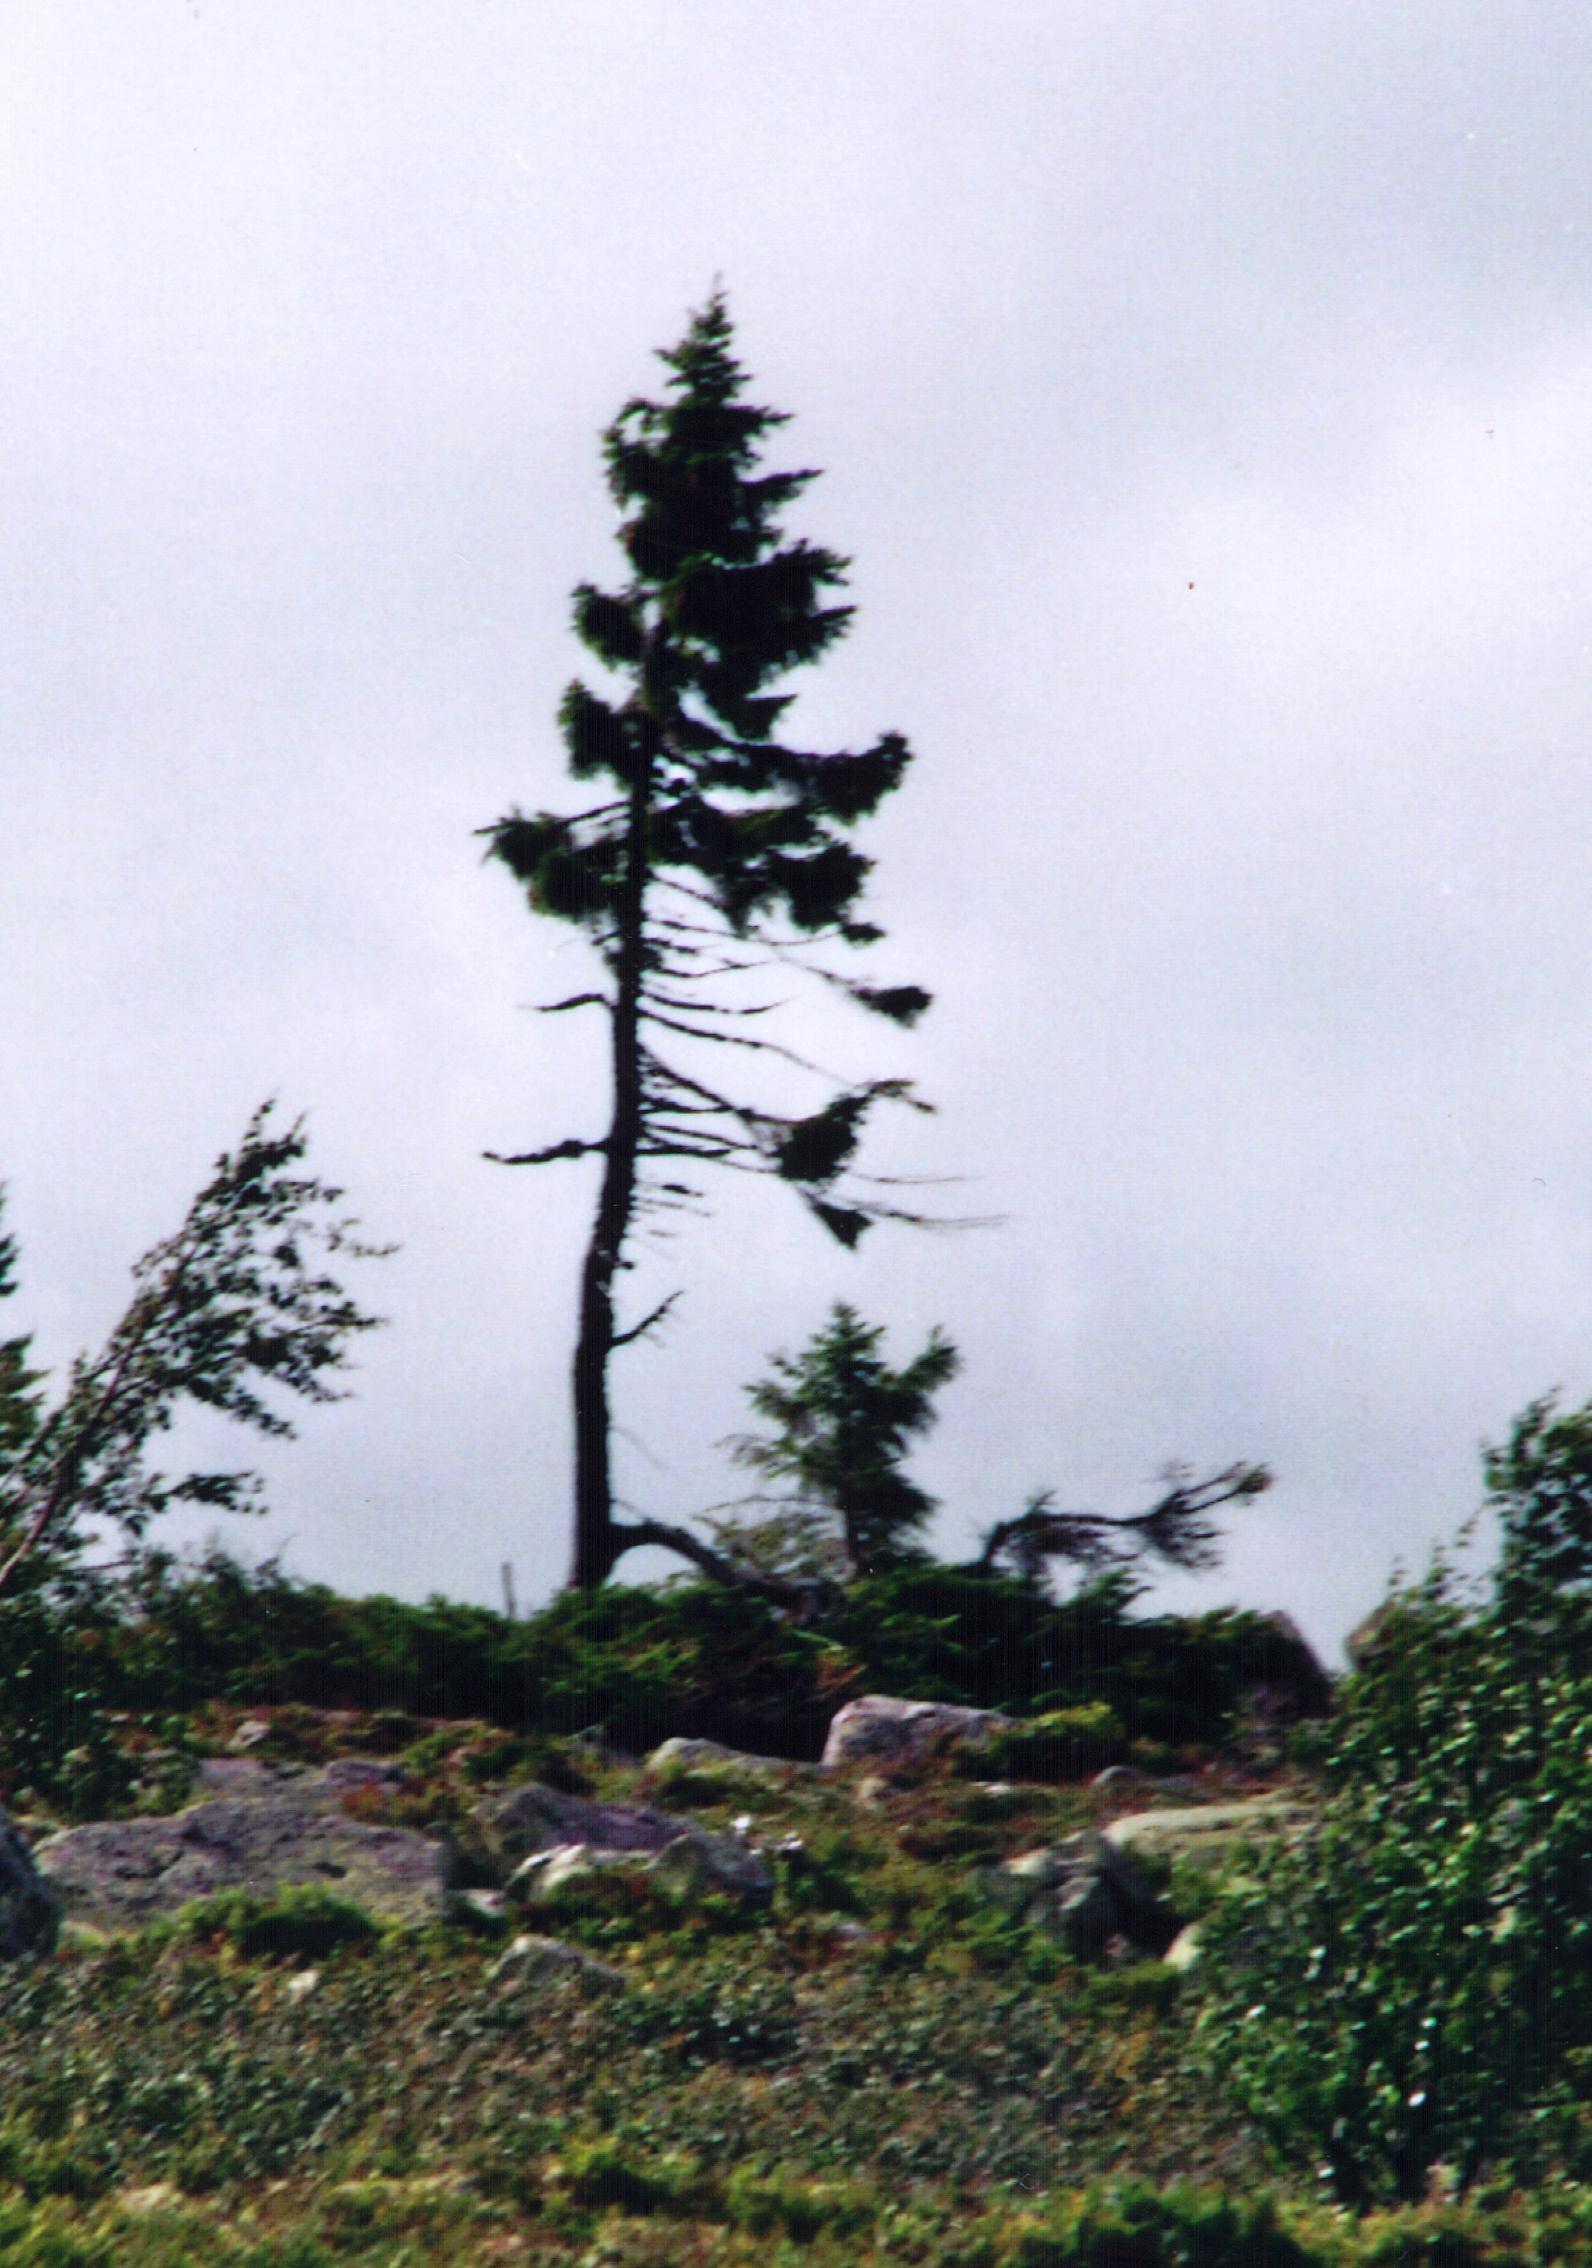 världens äldsta träd